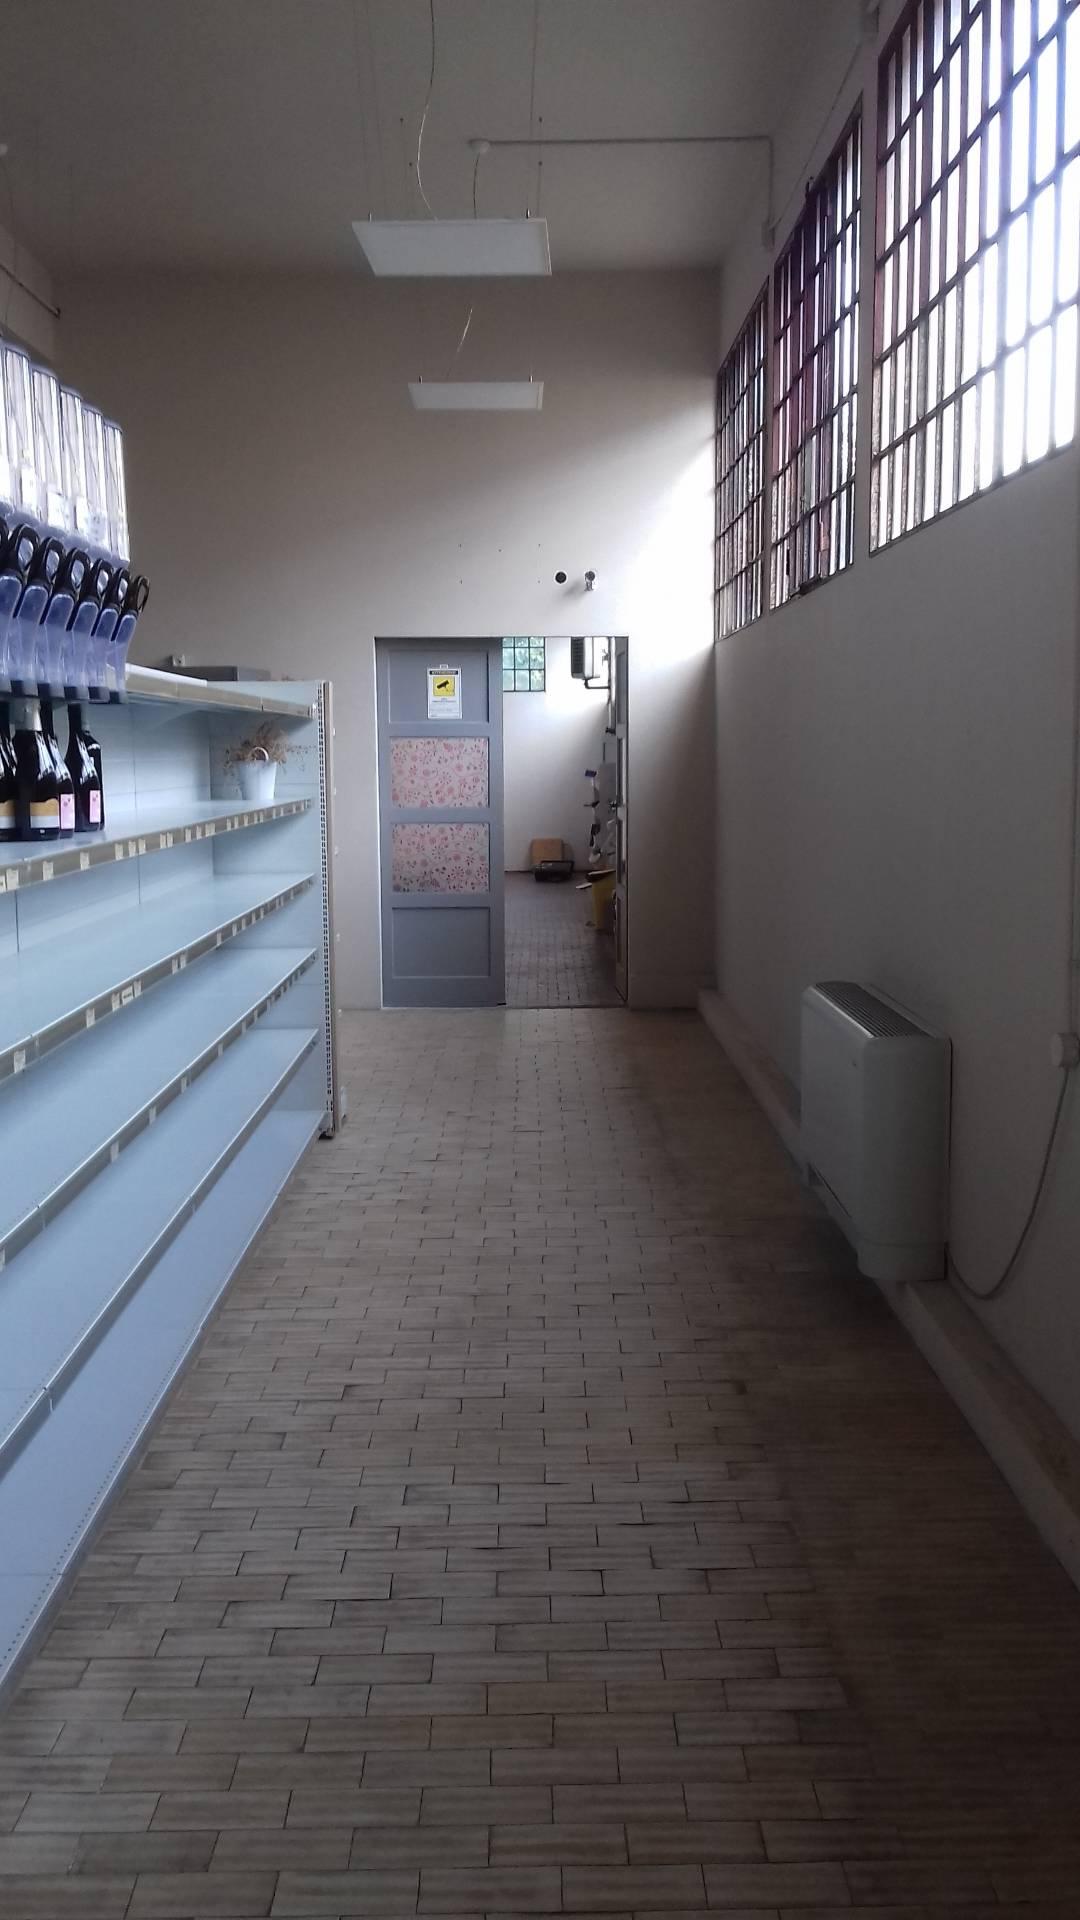 Attività / Licenza in affitto a Fusignano, 9999 locali, prezzo € 175.000 | CambioCasa.it